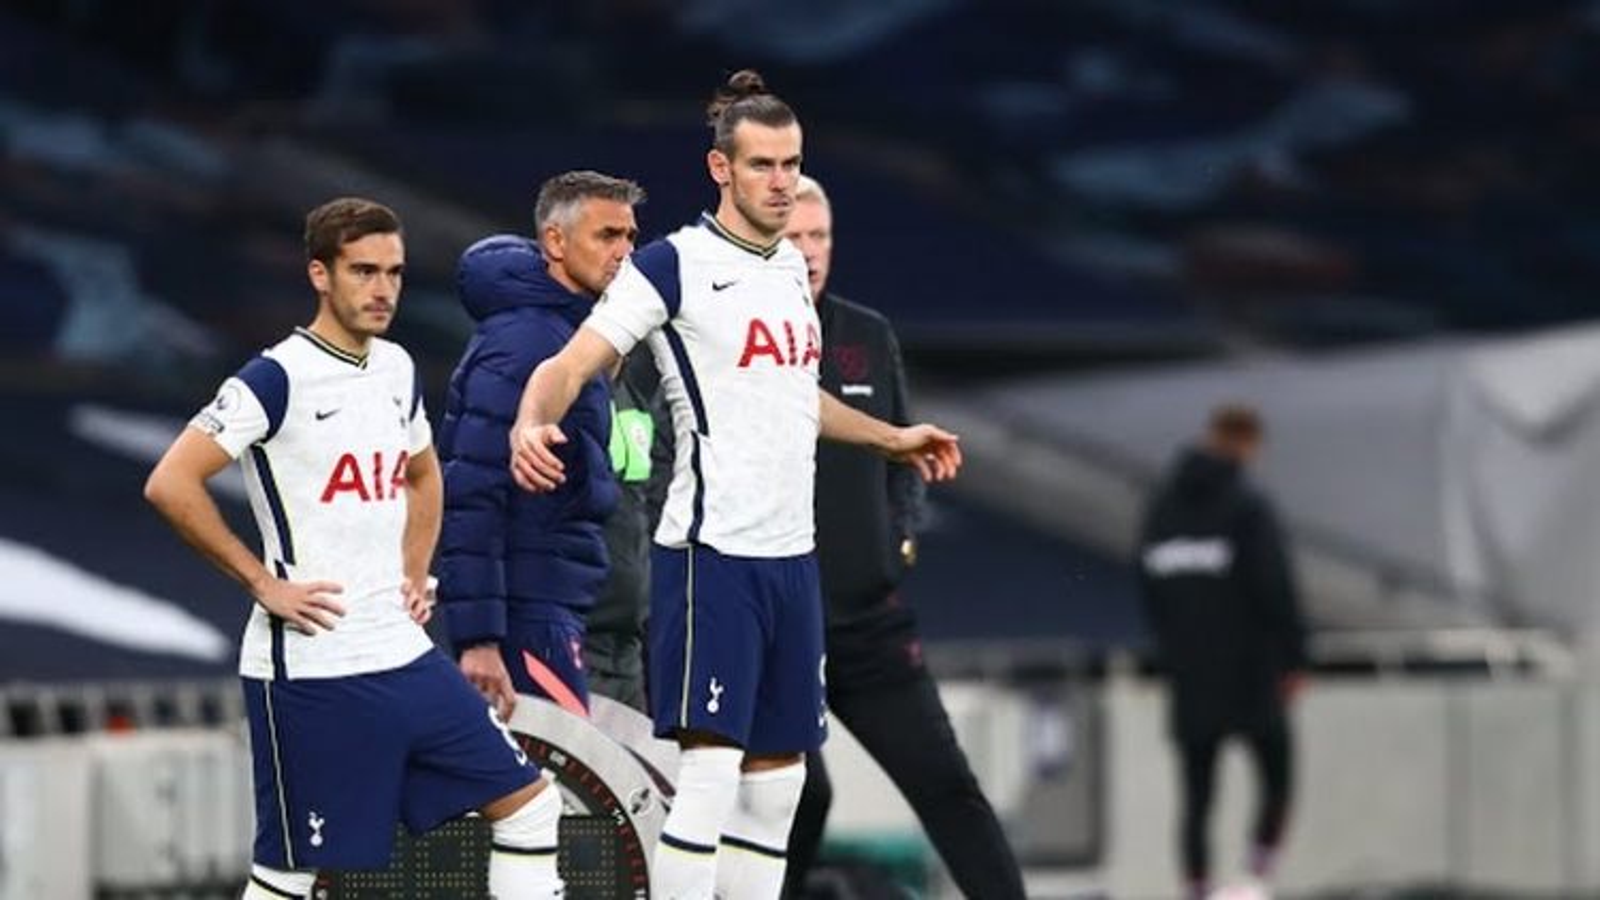 Góc nhìn: Gareth Bale có thể khiến HLV Mourinho chịu bi kịch